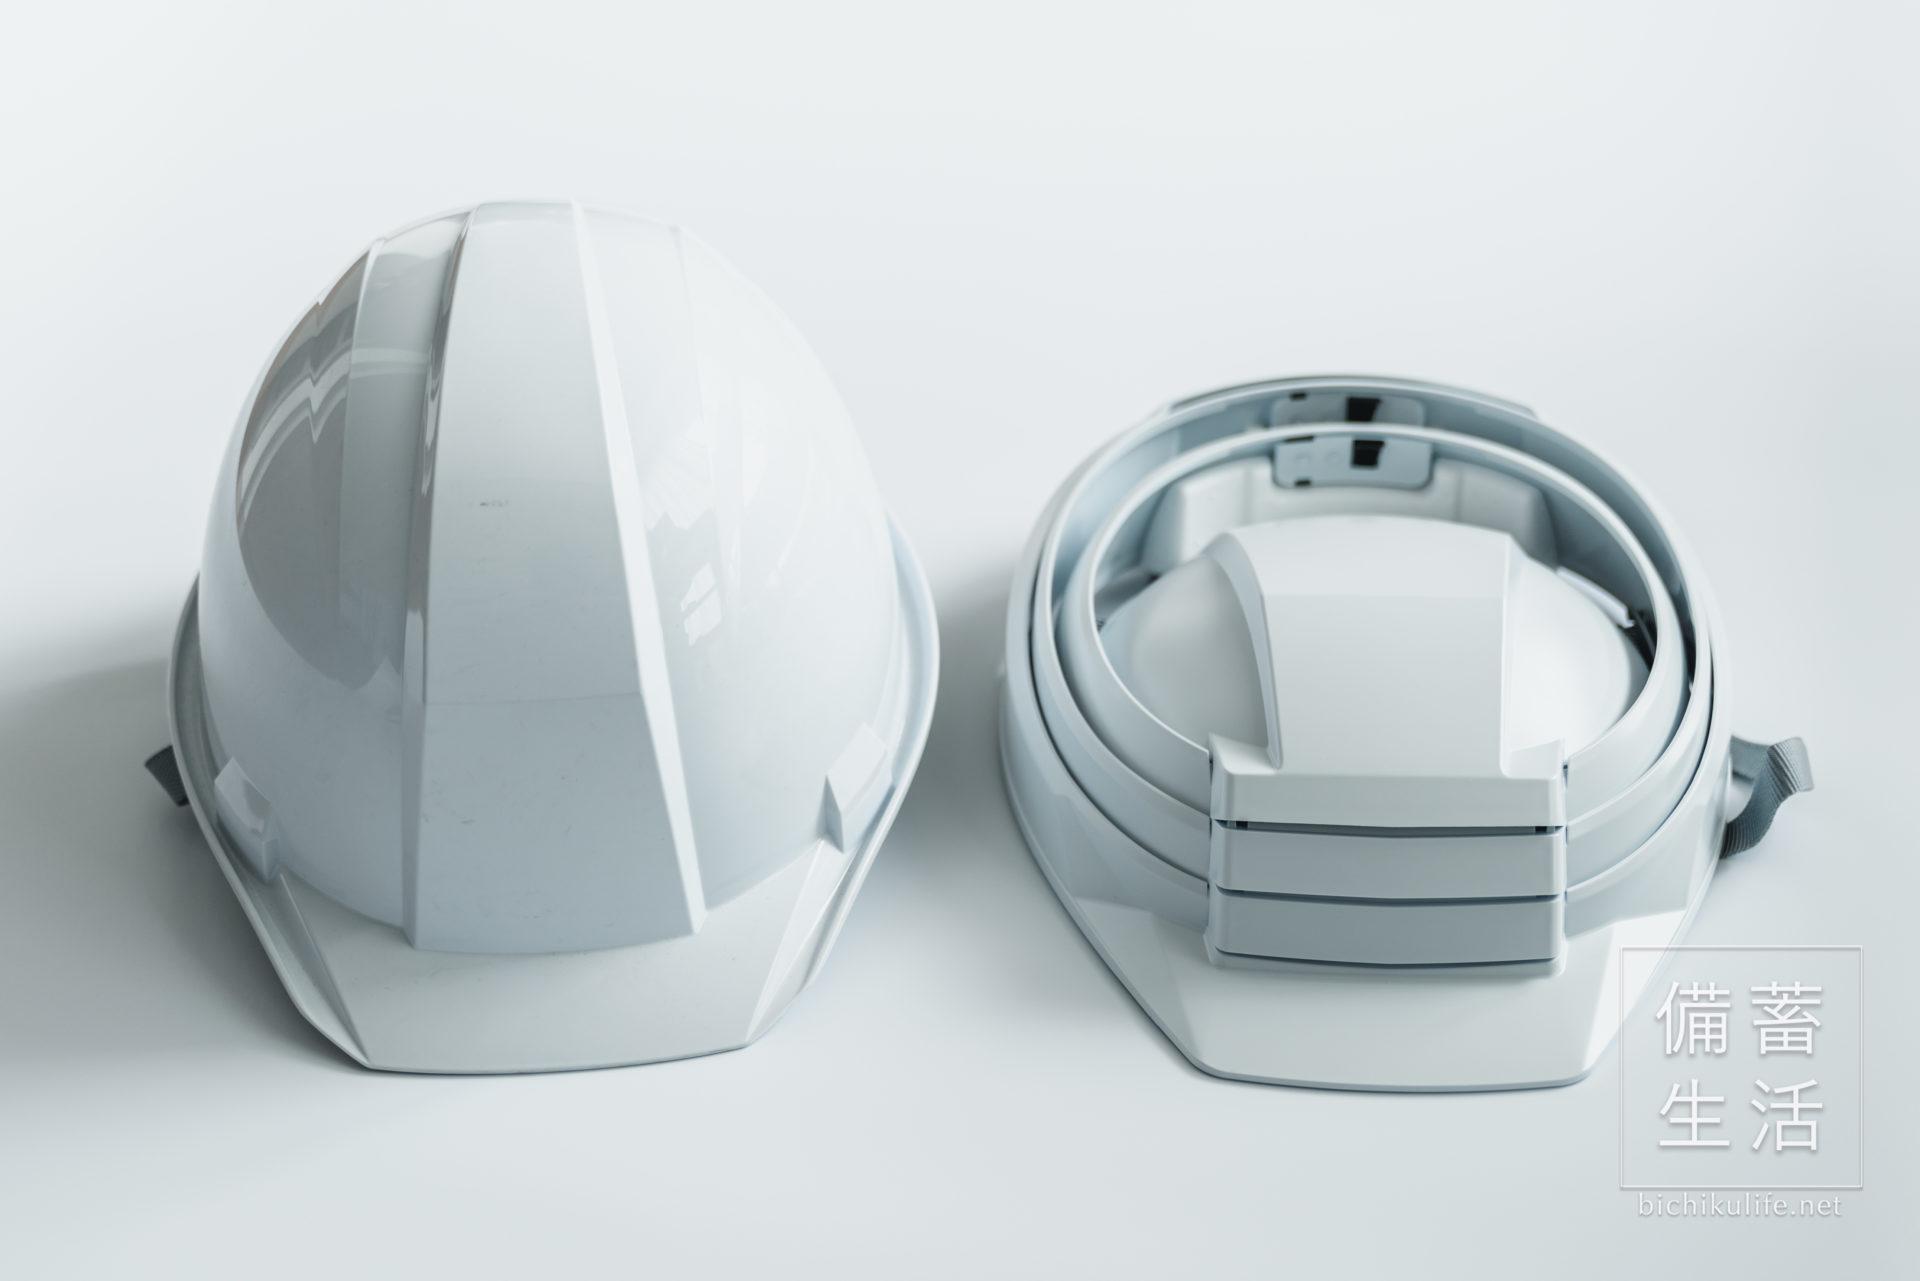 IZANO 防災用 たためるヘルメットと一般的なヘルメットの比較